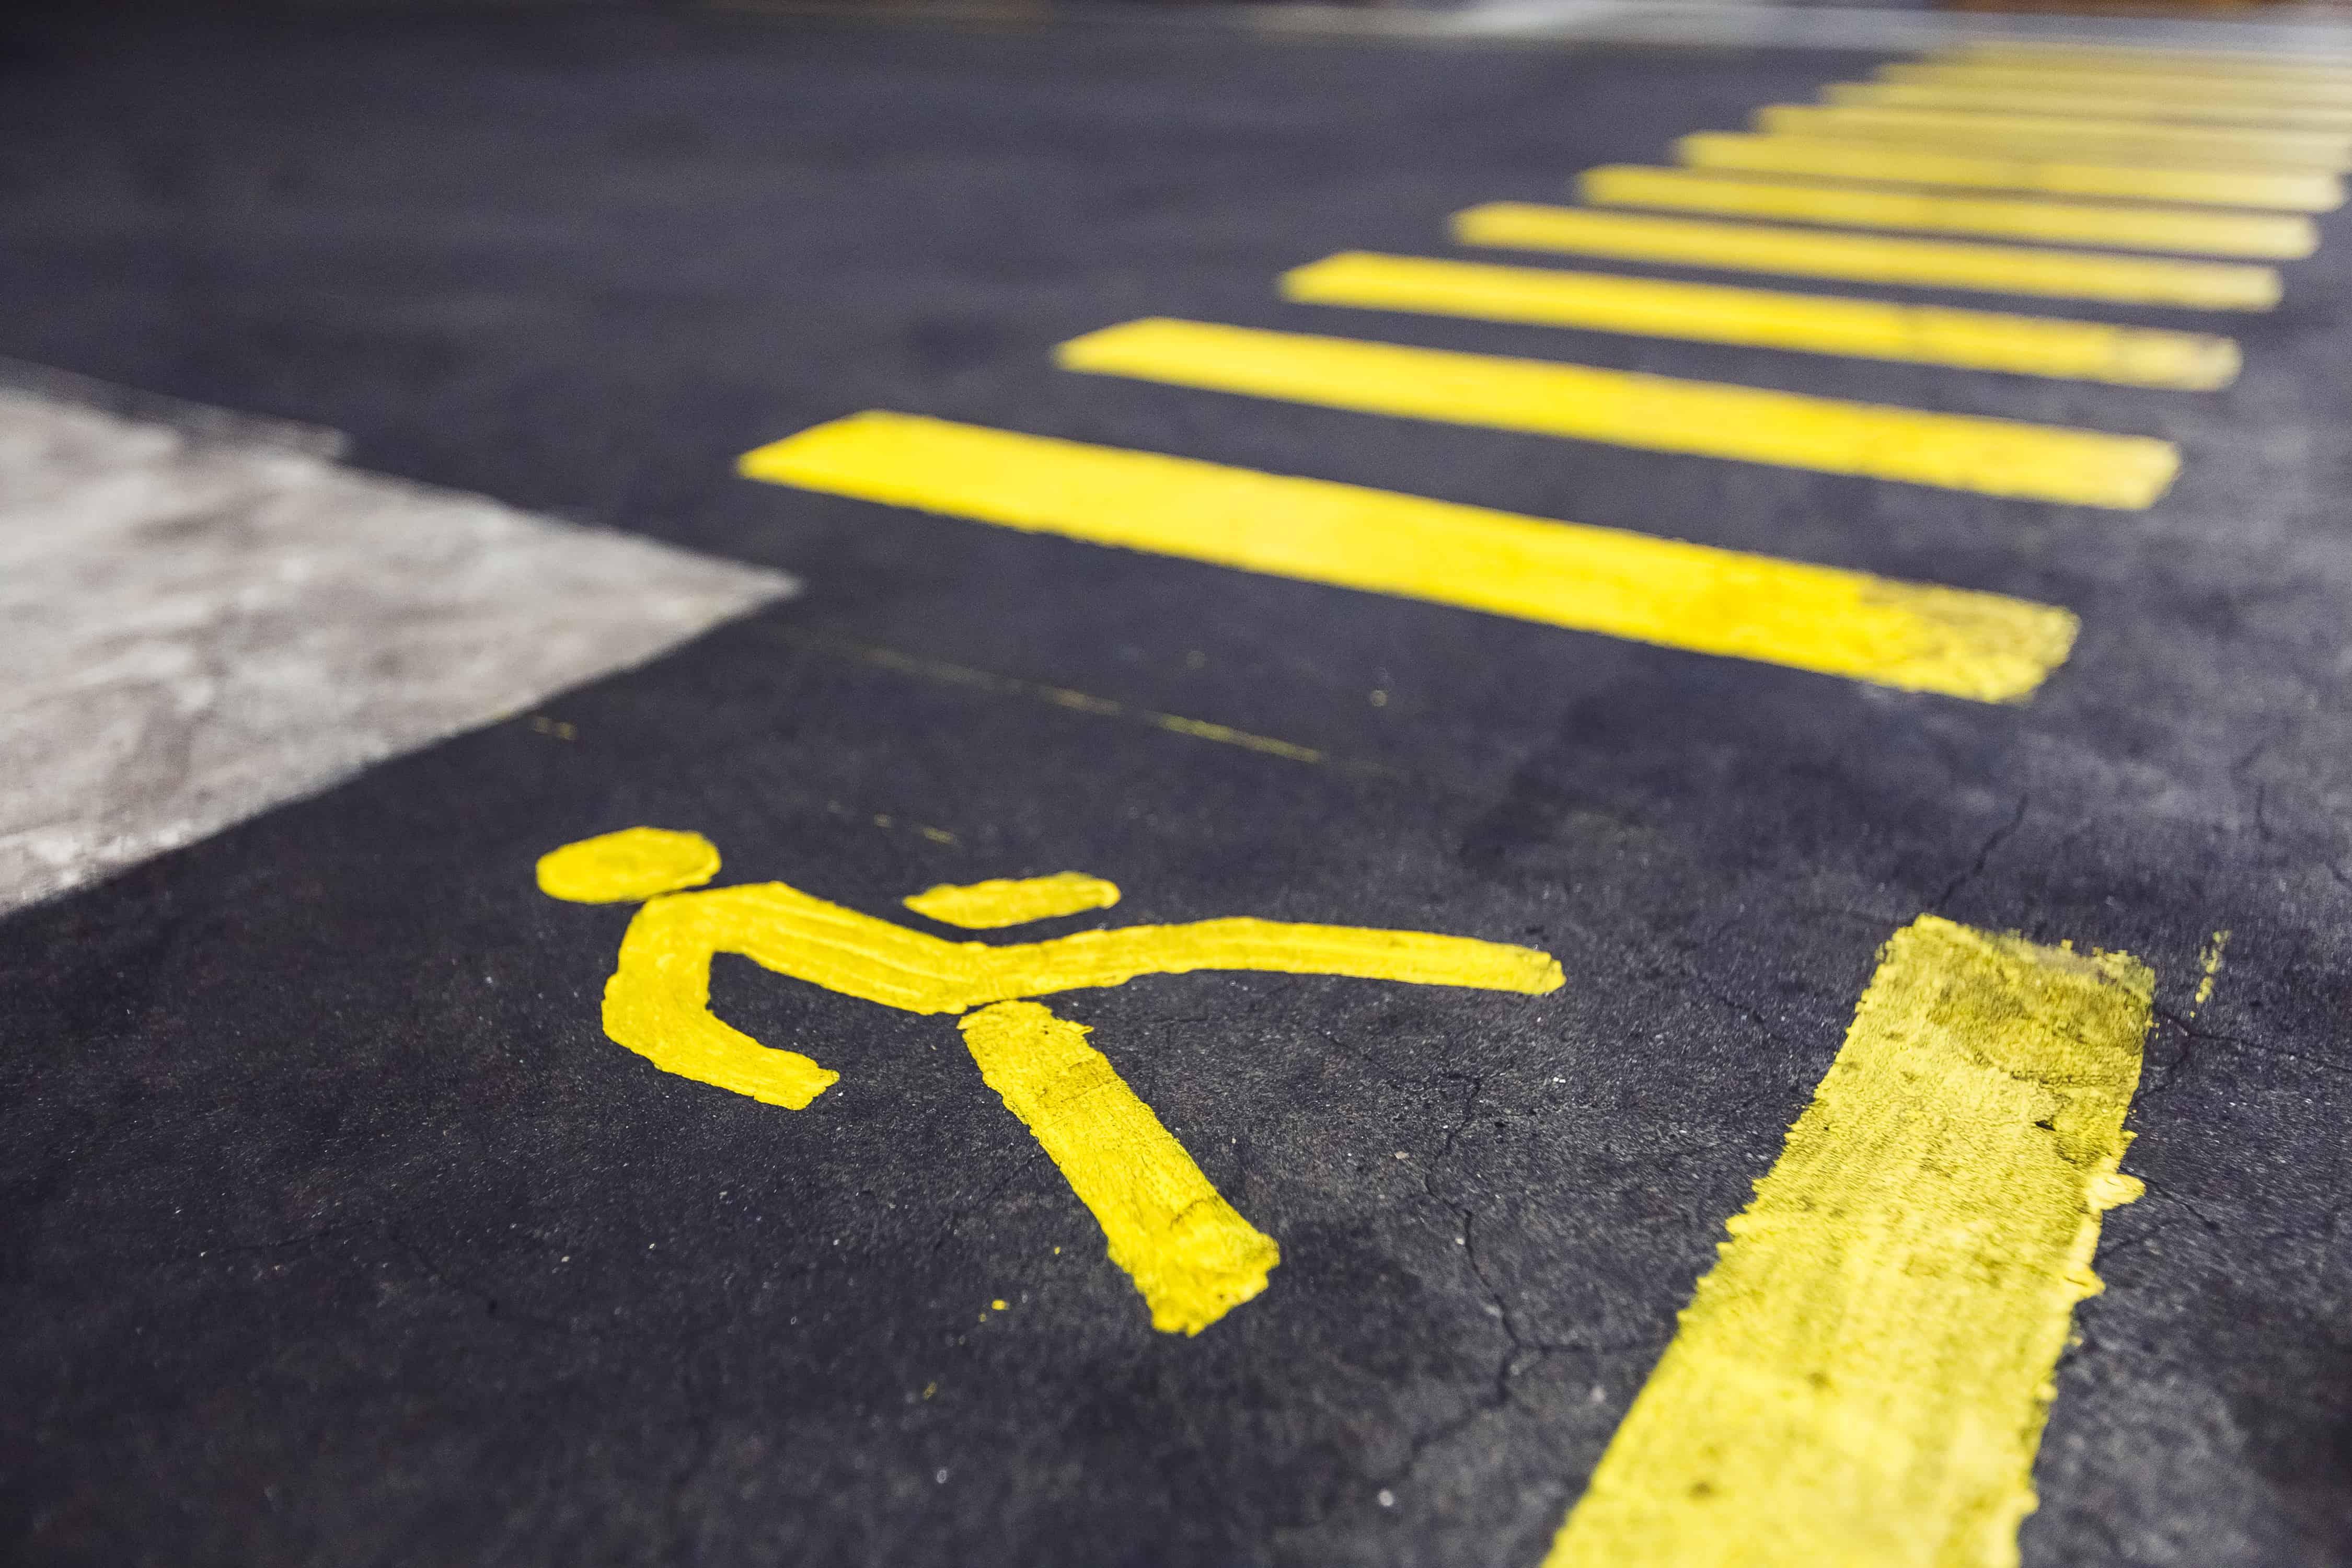 Jaime Lynn Gagnon Injured in Hit-and-Run Crash on Needles Highway [Needles, CA]